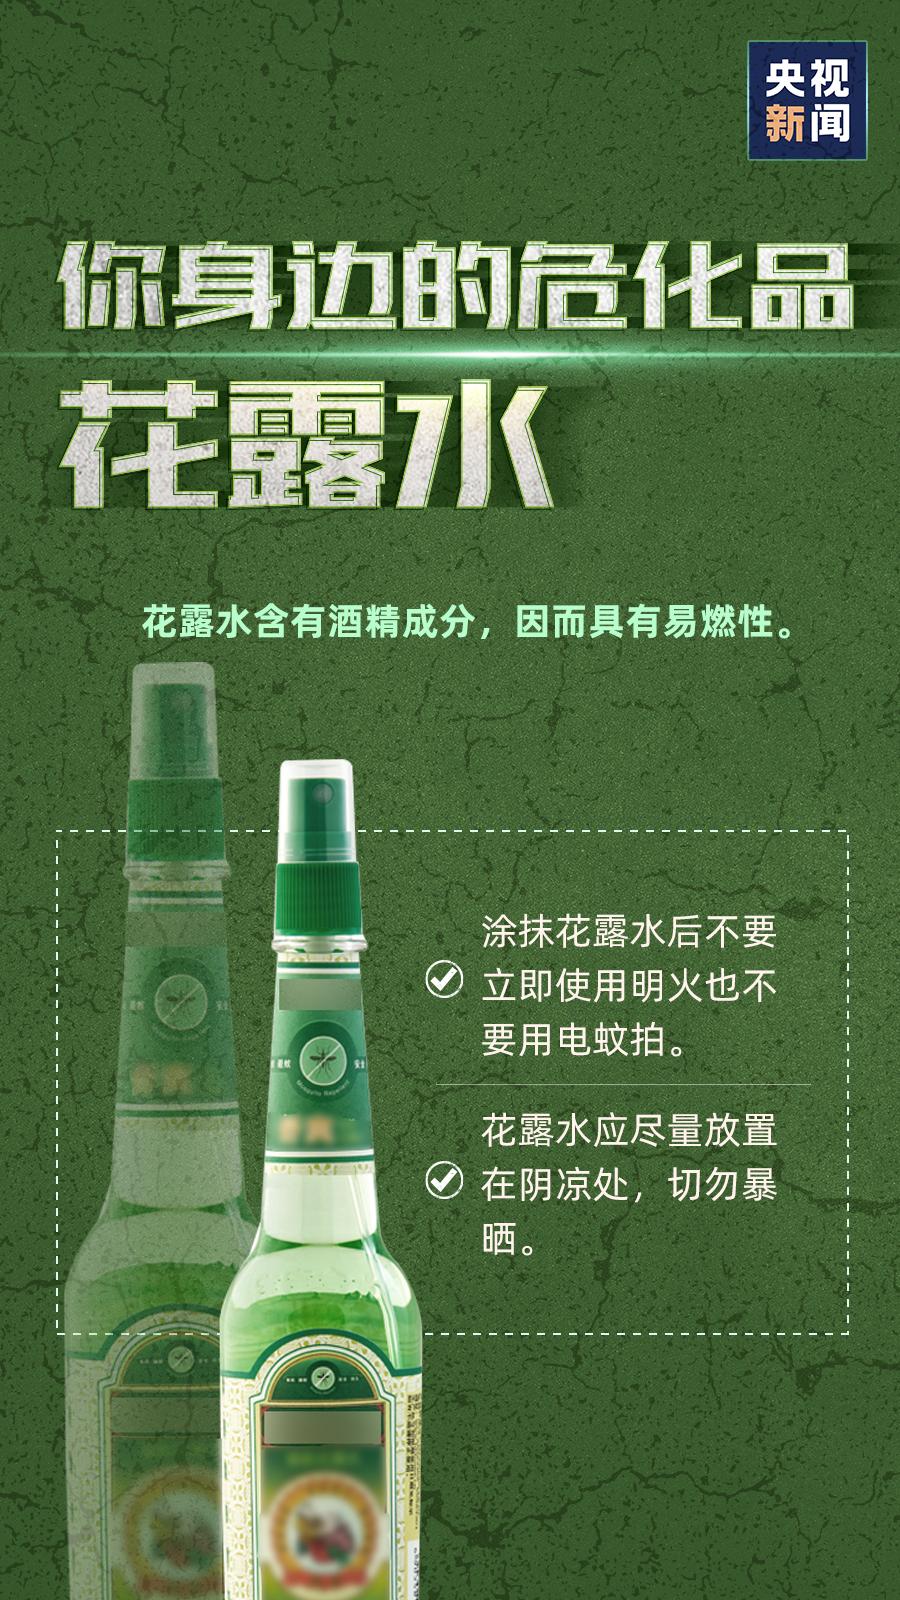 广东东莞新增2例无症状感染者,其中一例持绿码从湖北返莞